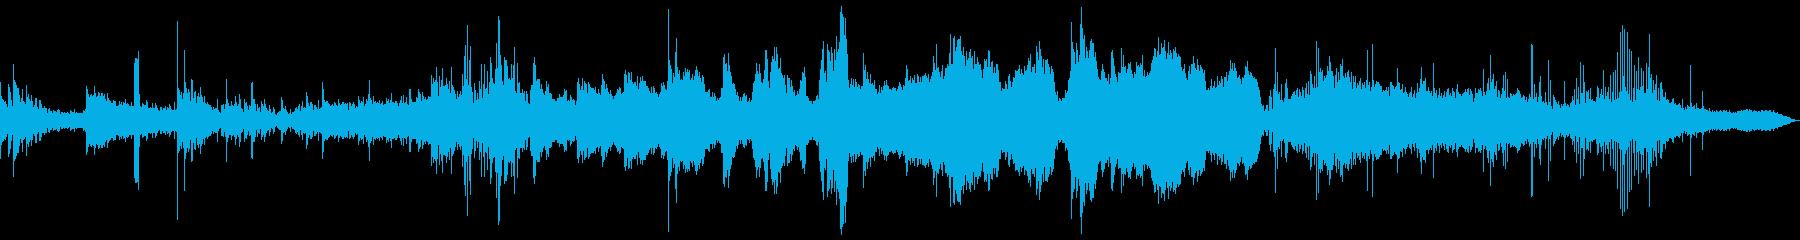 【テクスチュア】ダークサイドなイメージの再生済みの波形